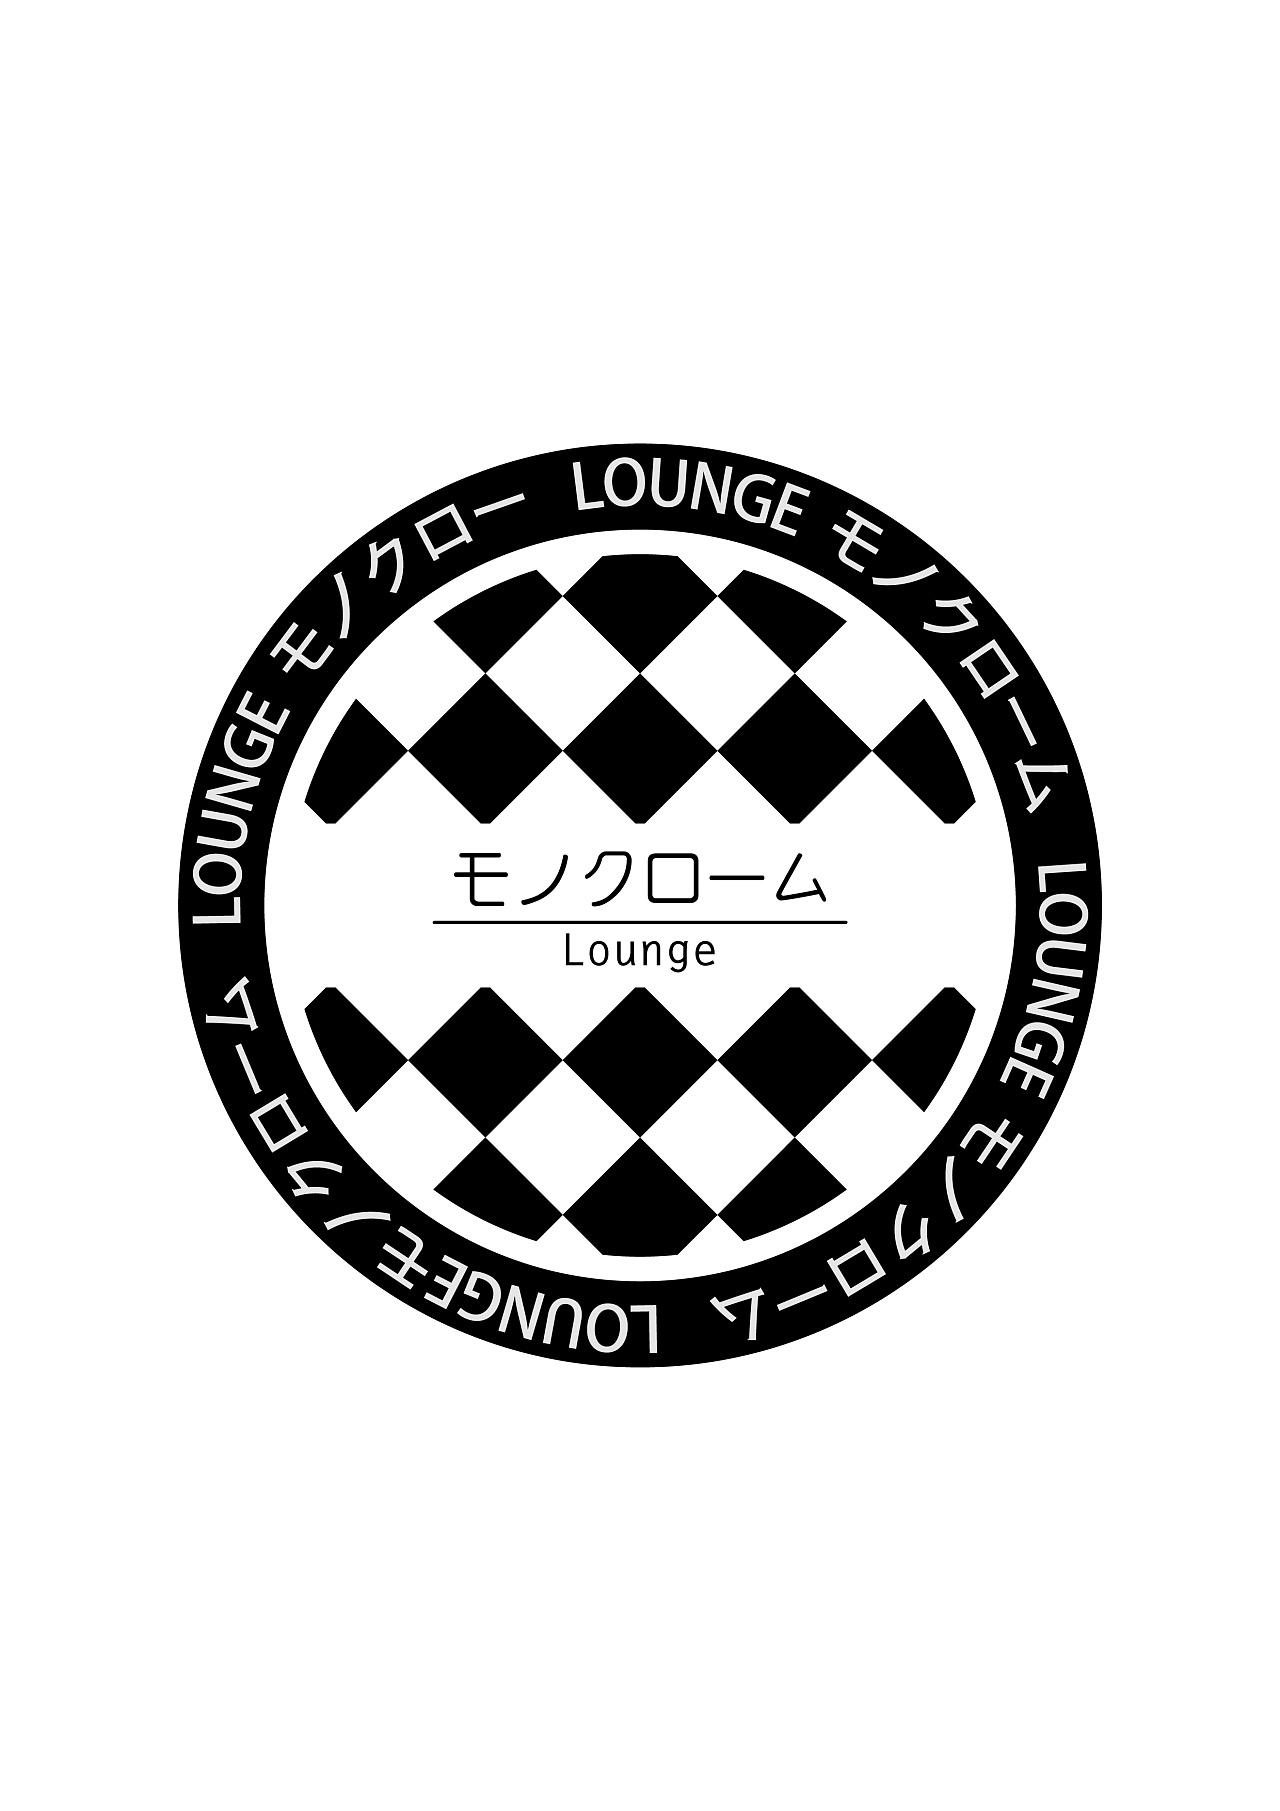 以前做的一个日式酒吧logo